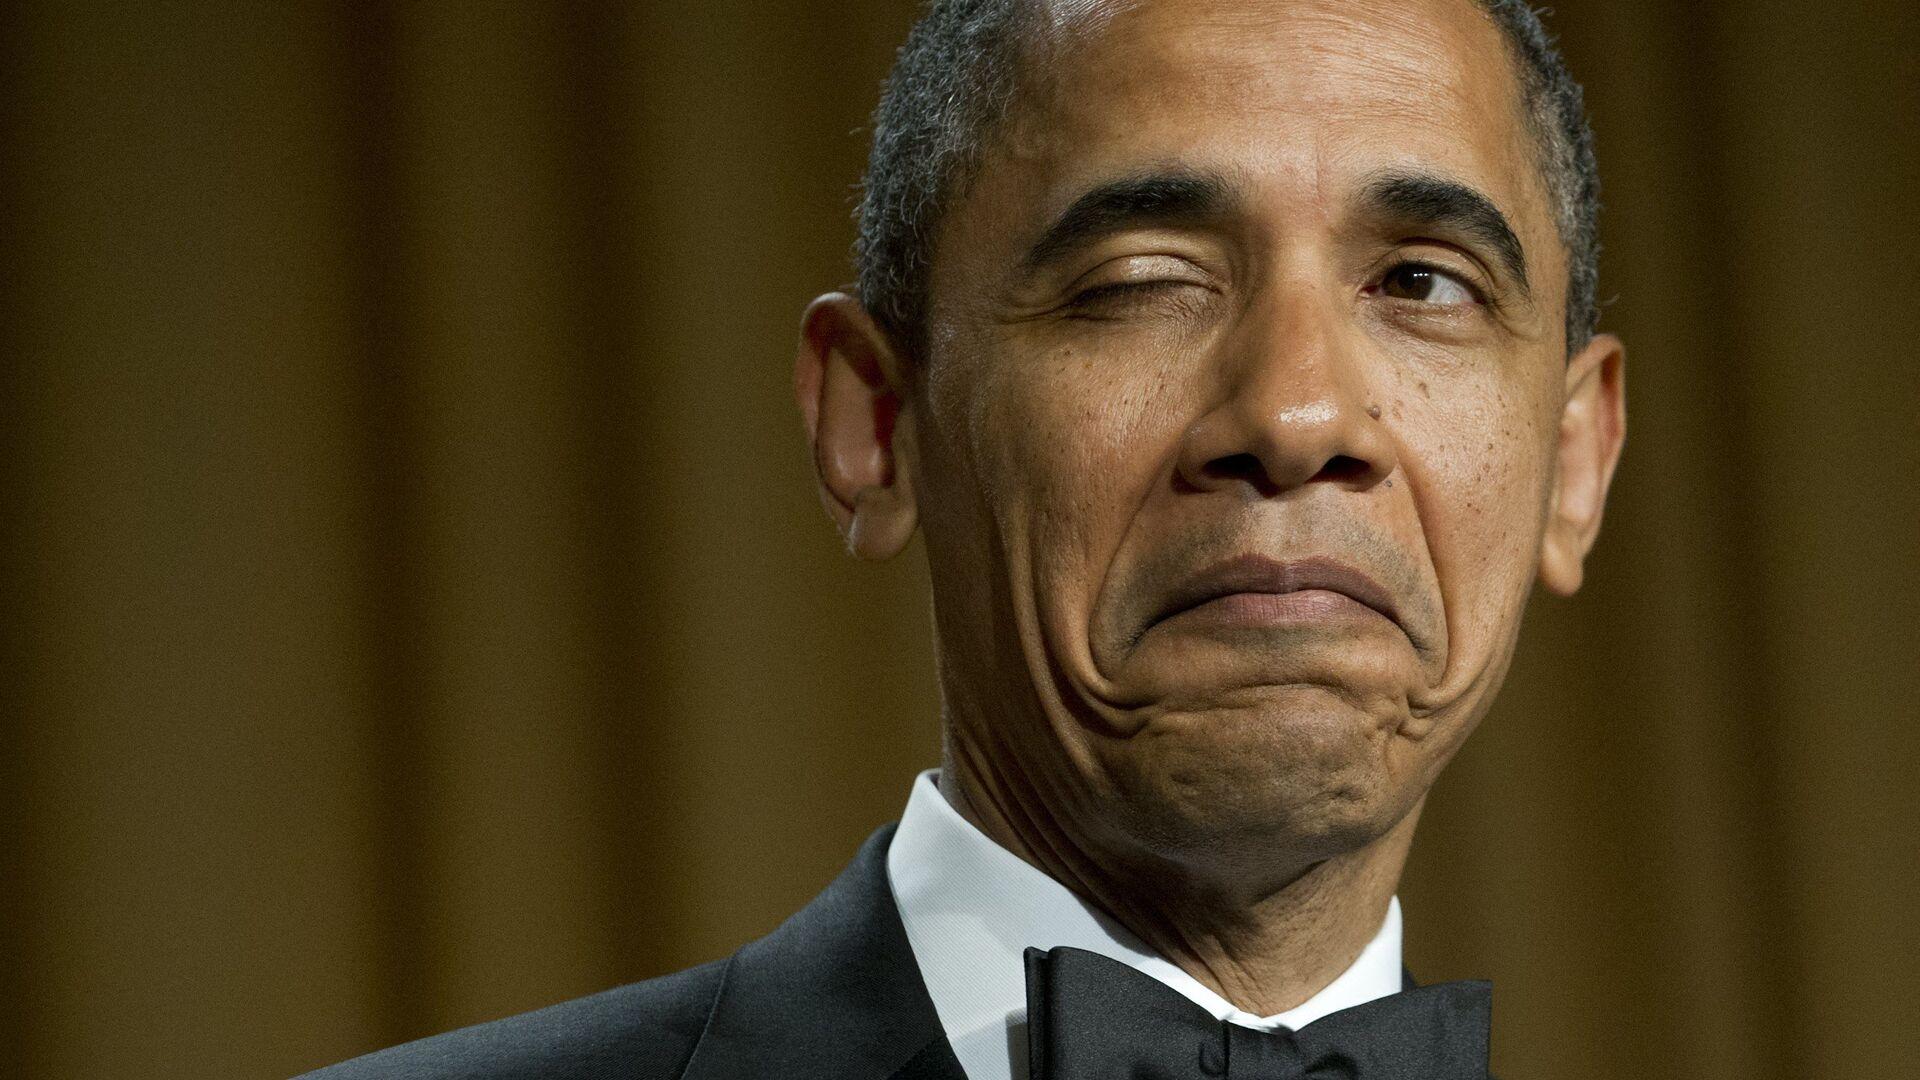 Президент США Барак Обама подмигивает, рассказывая анекдот о месте своего рождения во время ужина Ассоциации корреспондентов Белого дома в Вашингтоне, 2012 год  - Sputnik Italia, 1920, 14.08.2021